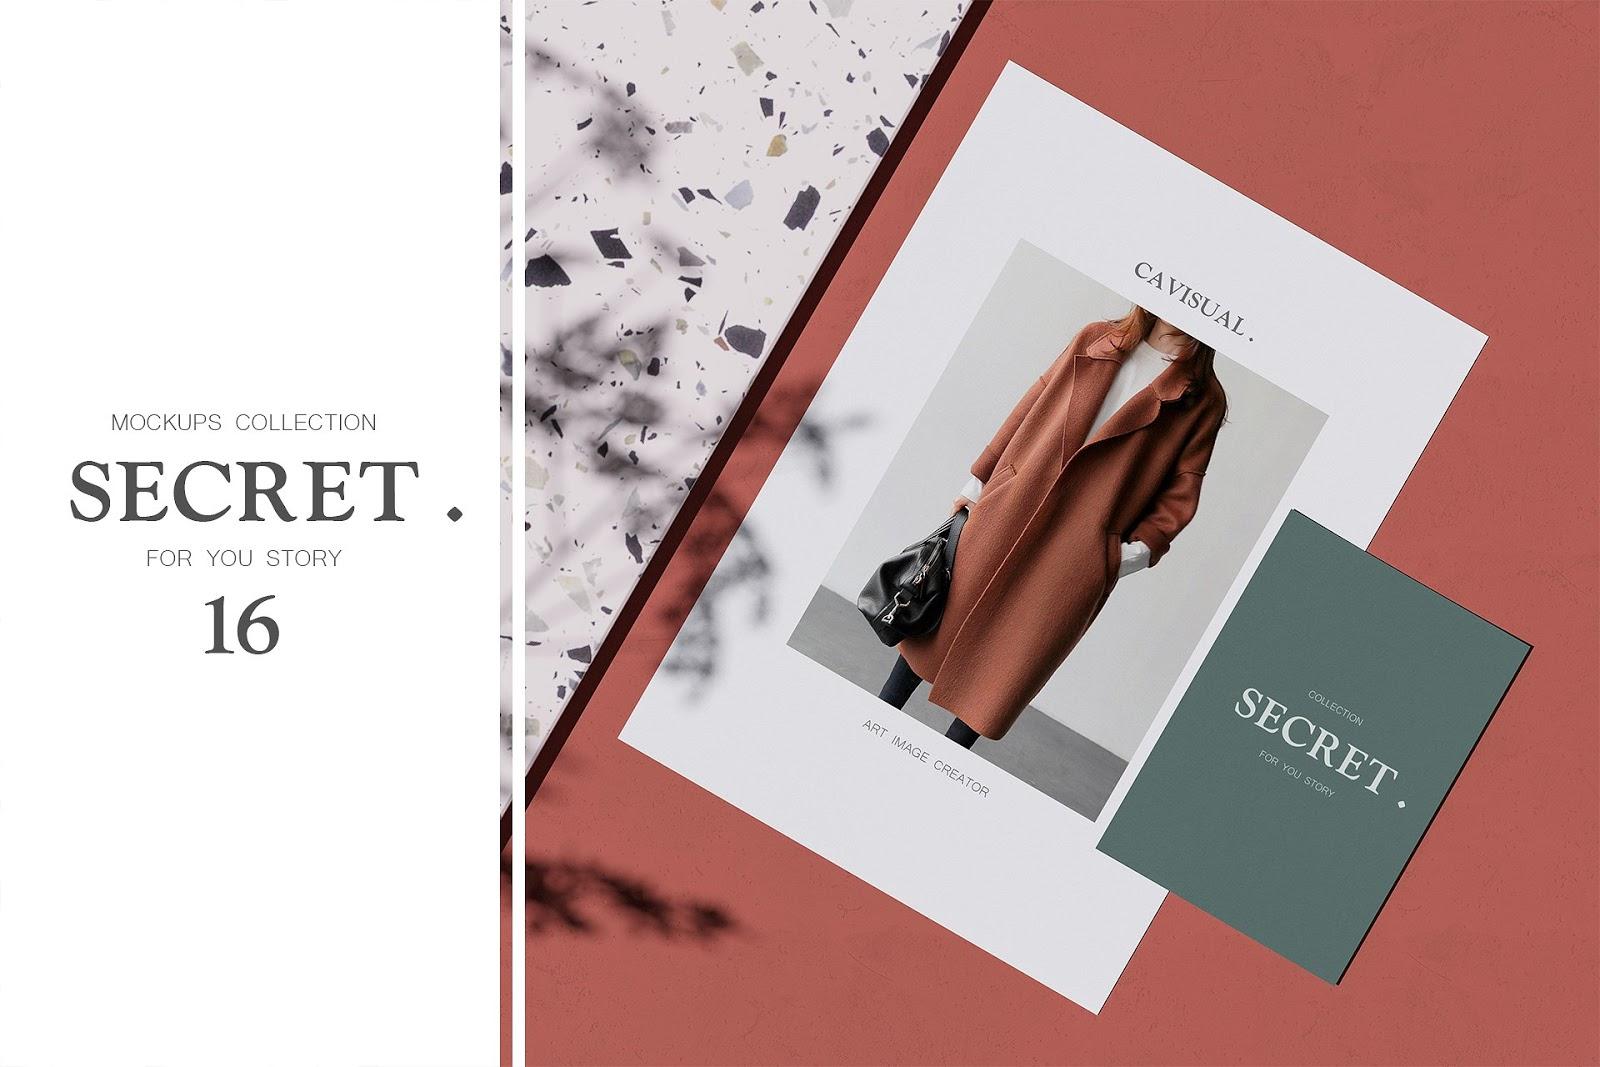 Secret Mockups Collection Bundle